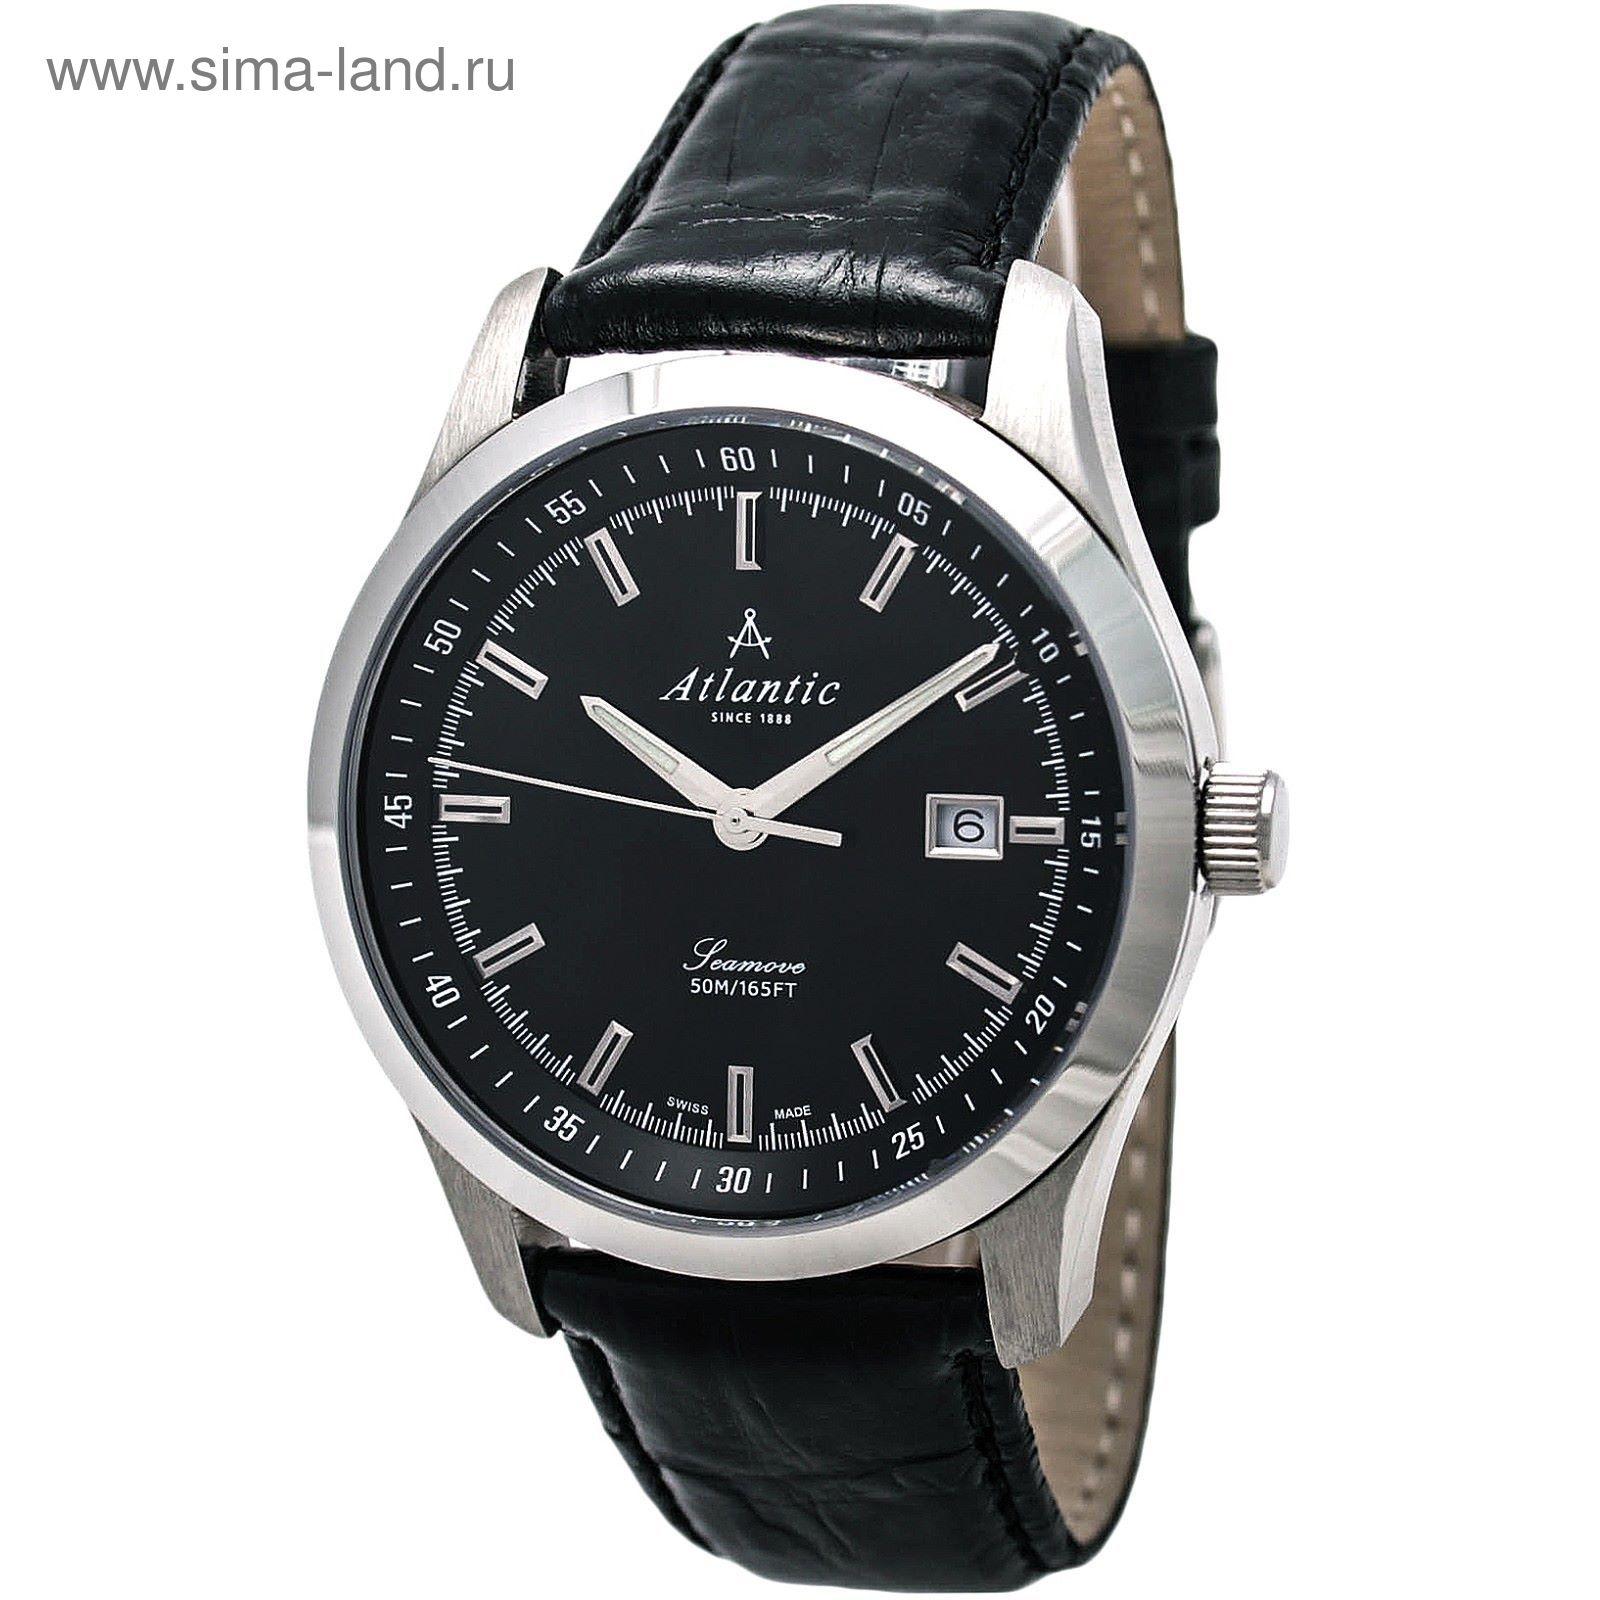 Часы наручные атлантик мужские часы купить в баку